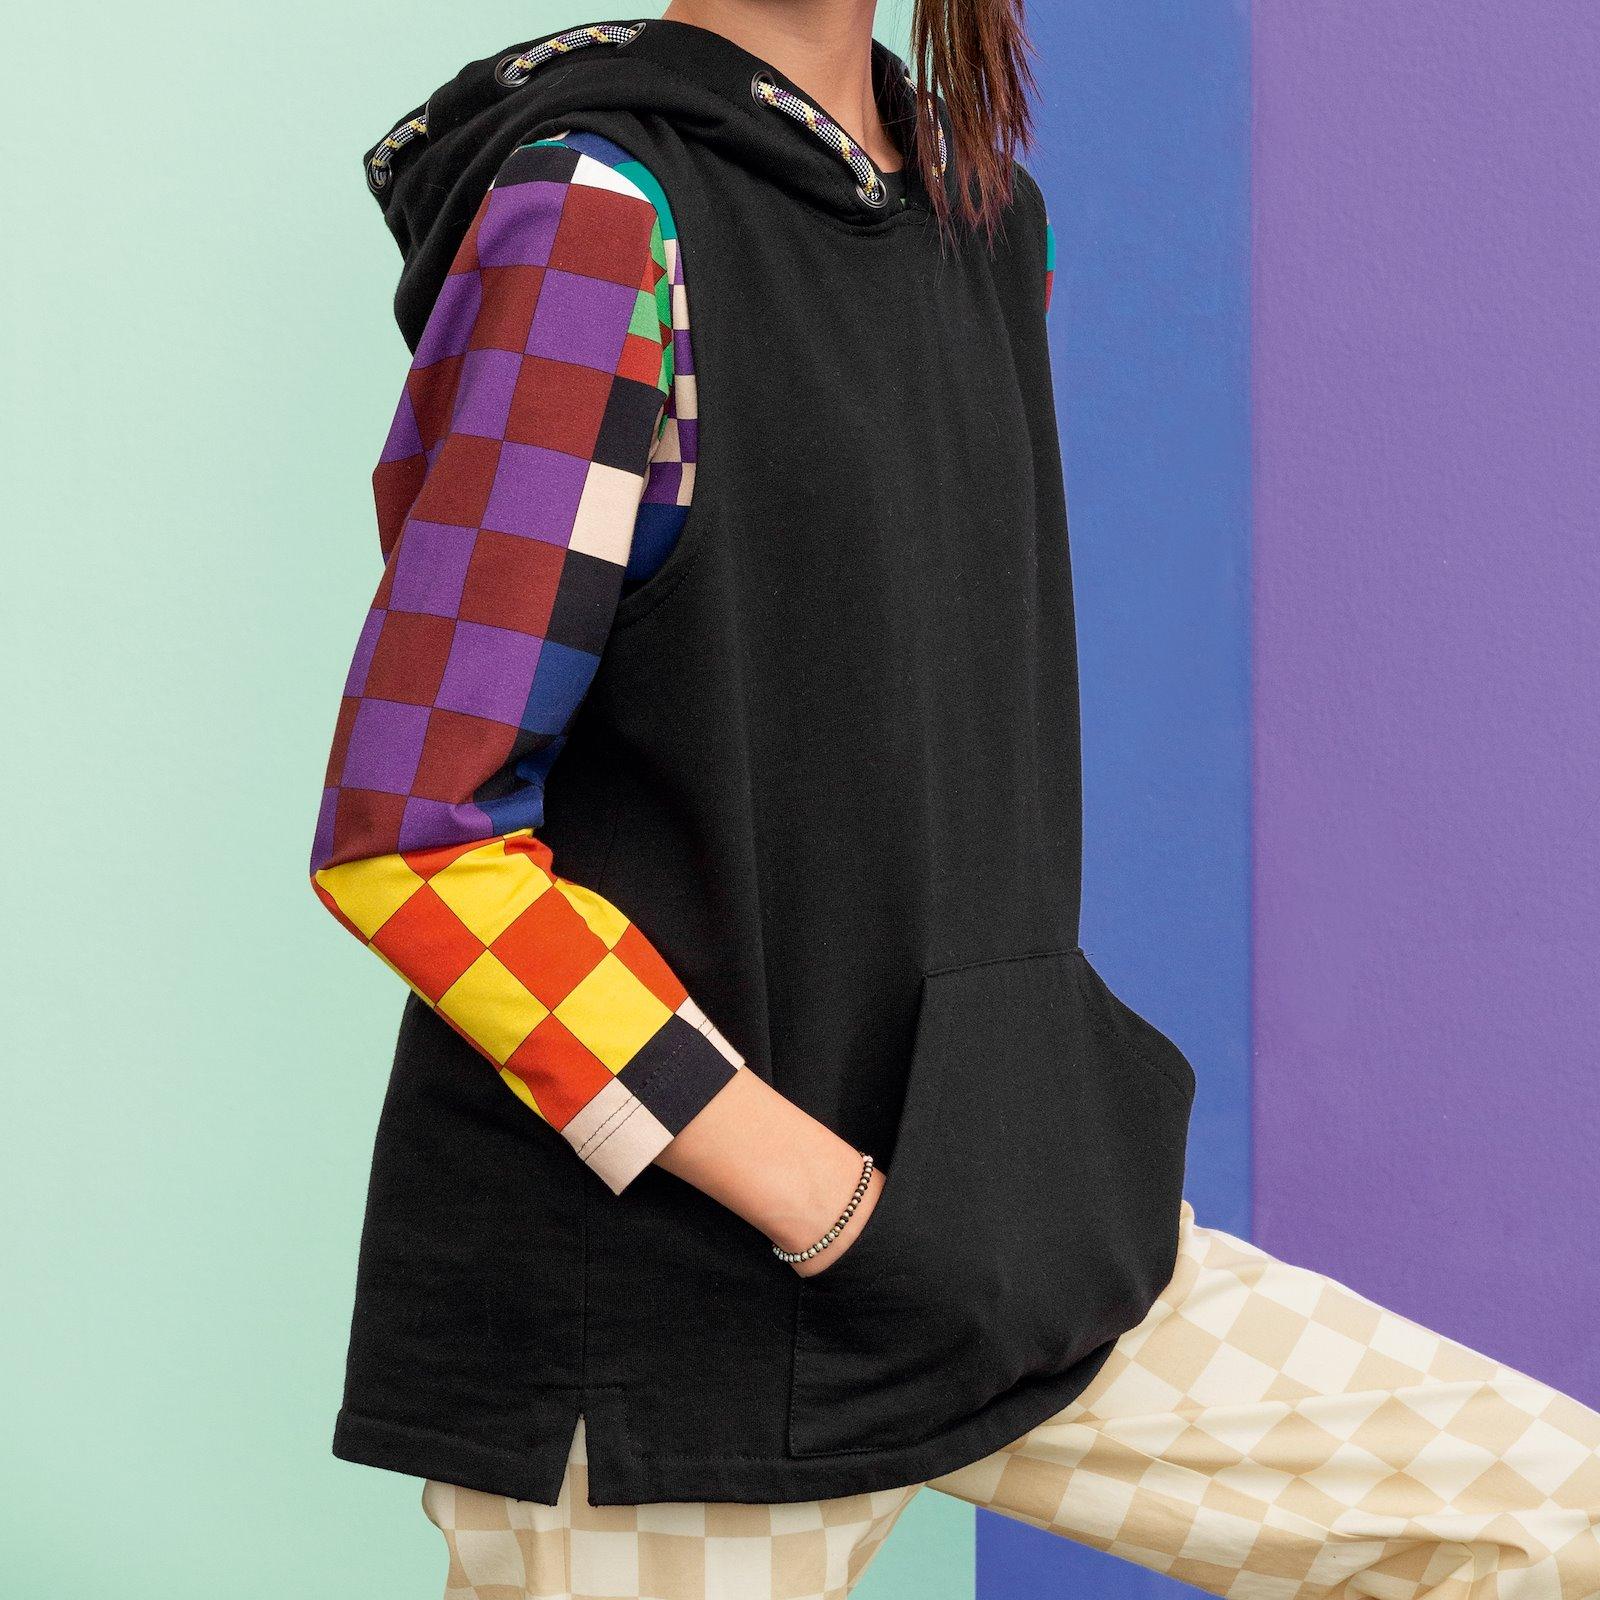 Hoodie waistcoat p62021_211759_230638_43690_22276_p62017_272807_p60034_420420_bundle